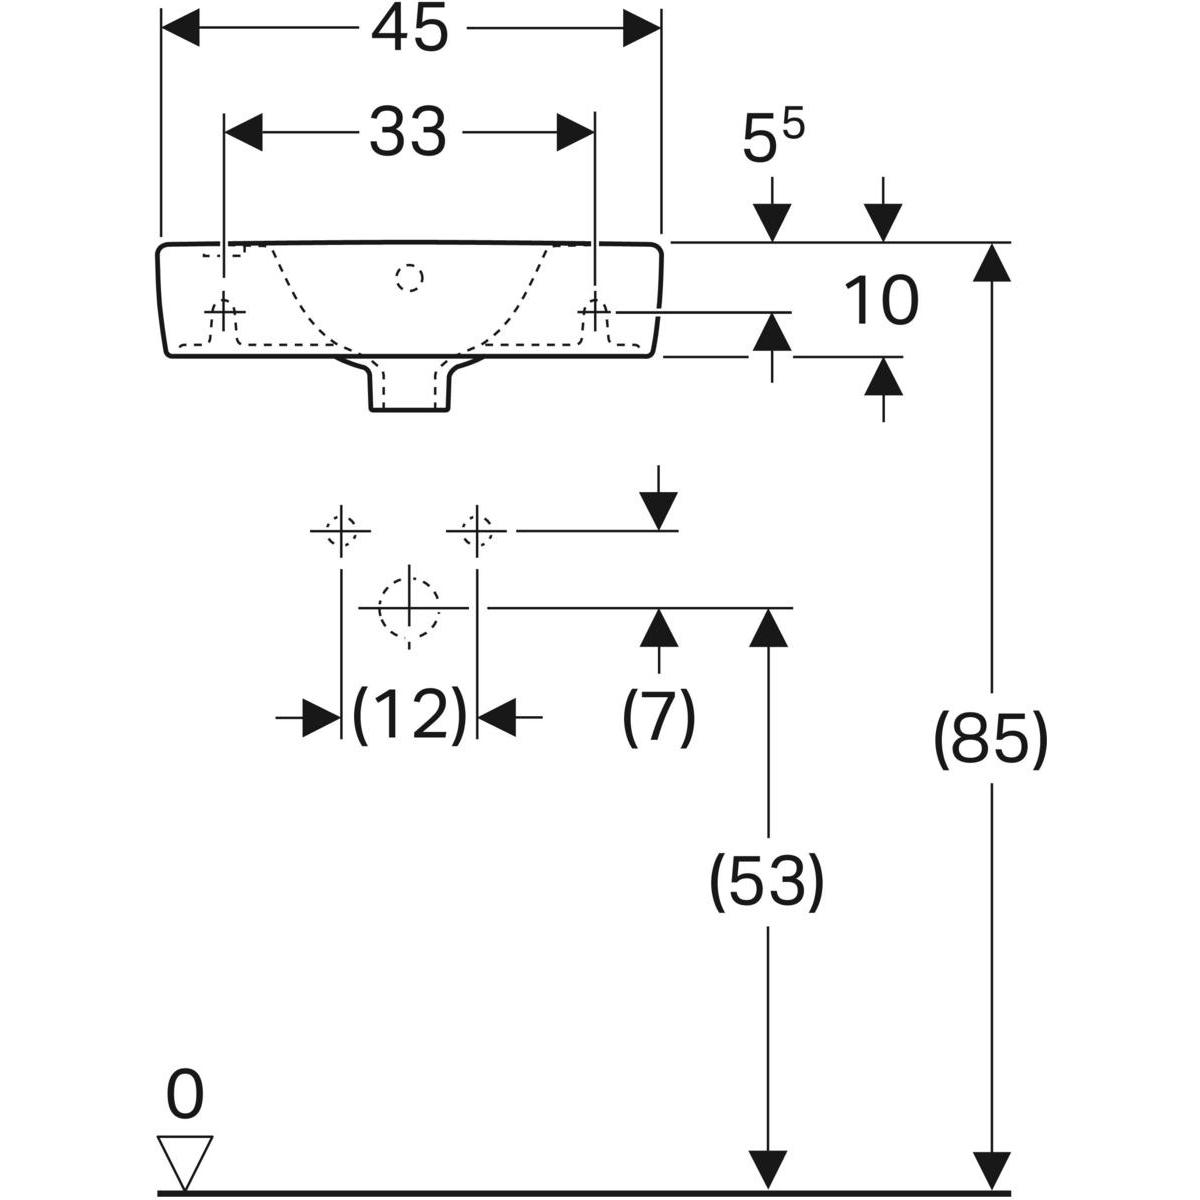 Geberit Renova Compact fontein 45x25 cm, met kraangat links en overloop, wit